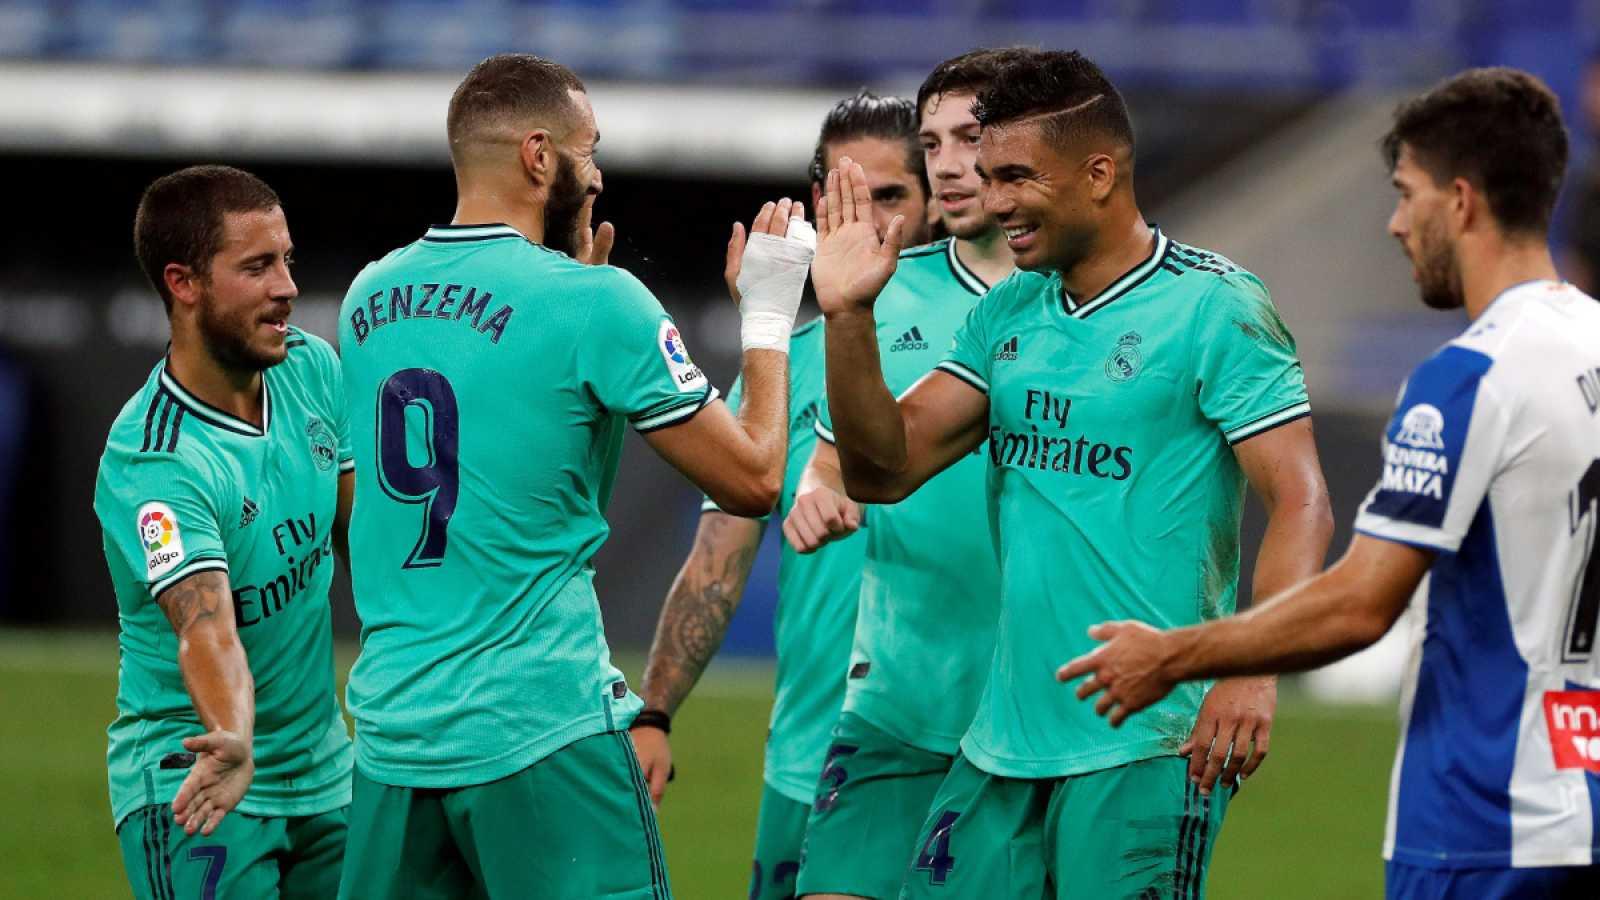 Imagen: Casemiro y Benzema celebran el gol que abrió el marcador